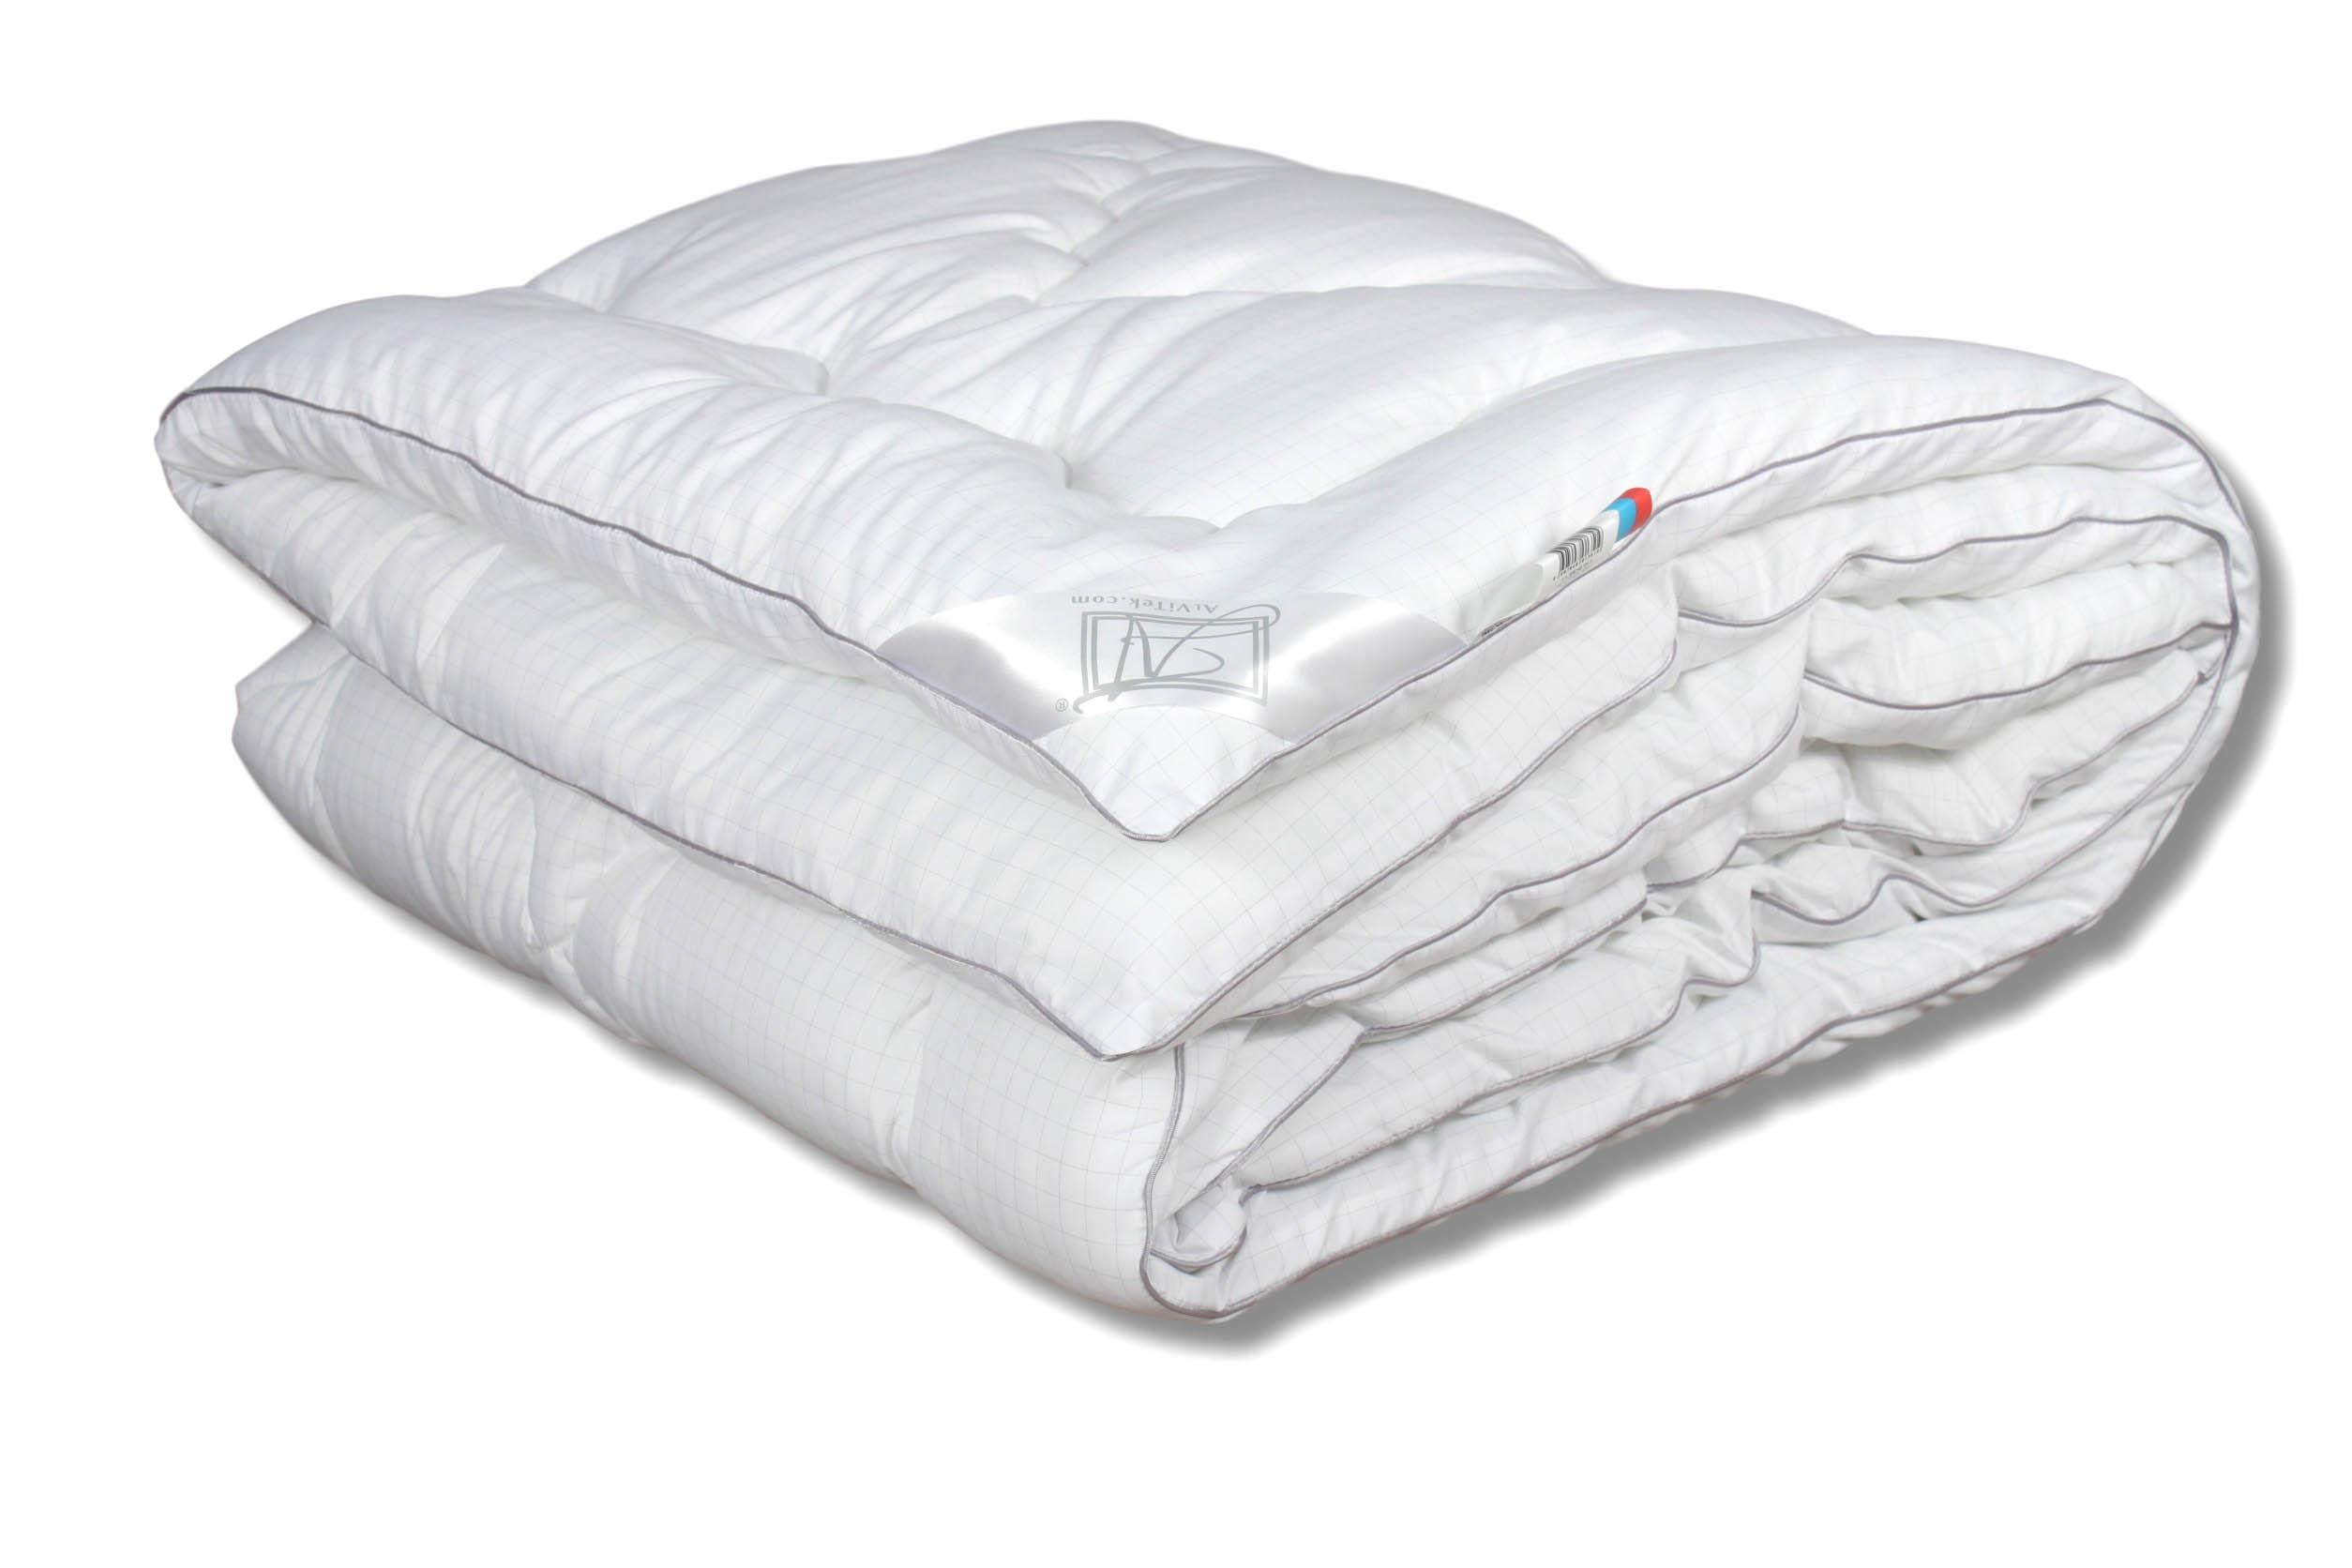 где купить Одеяла AlViTek Одеяло Карбон Всесезонное (140х205 см) по лучшей цене